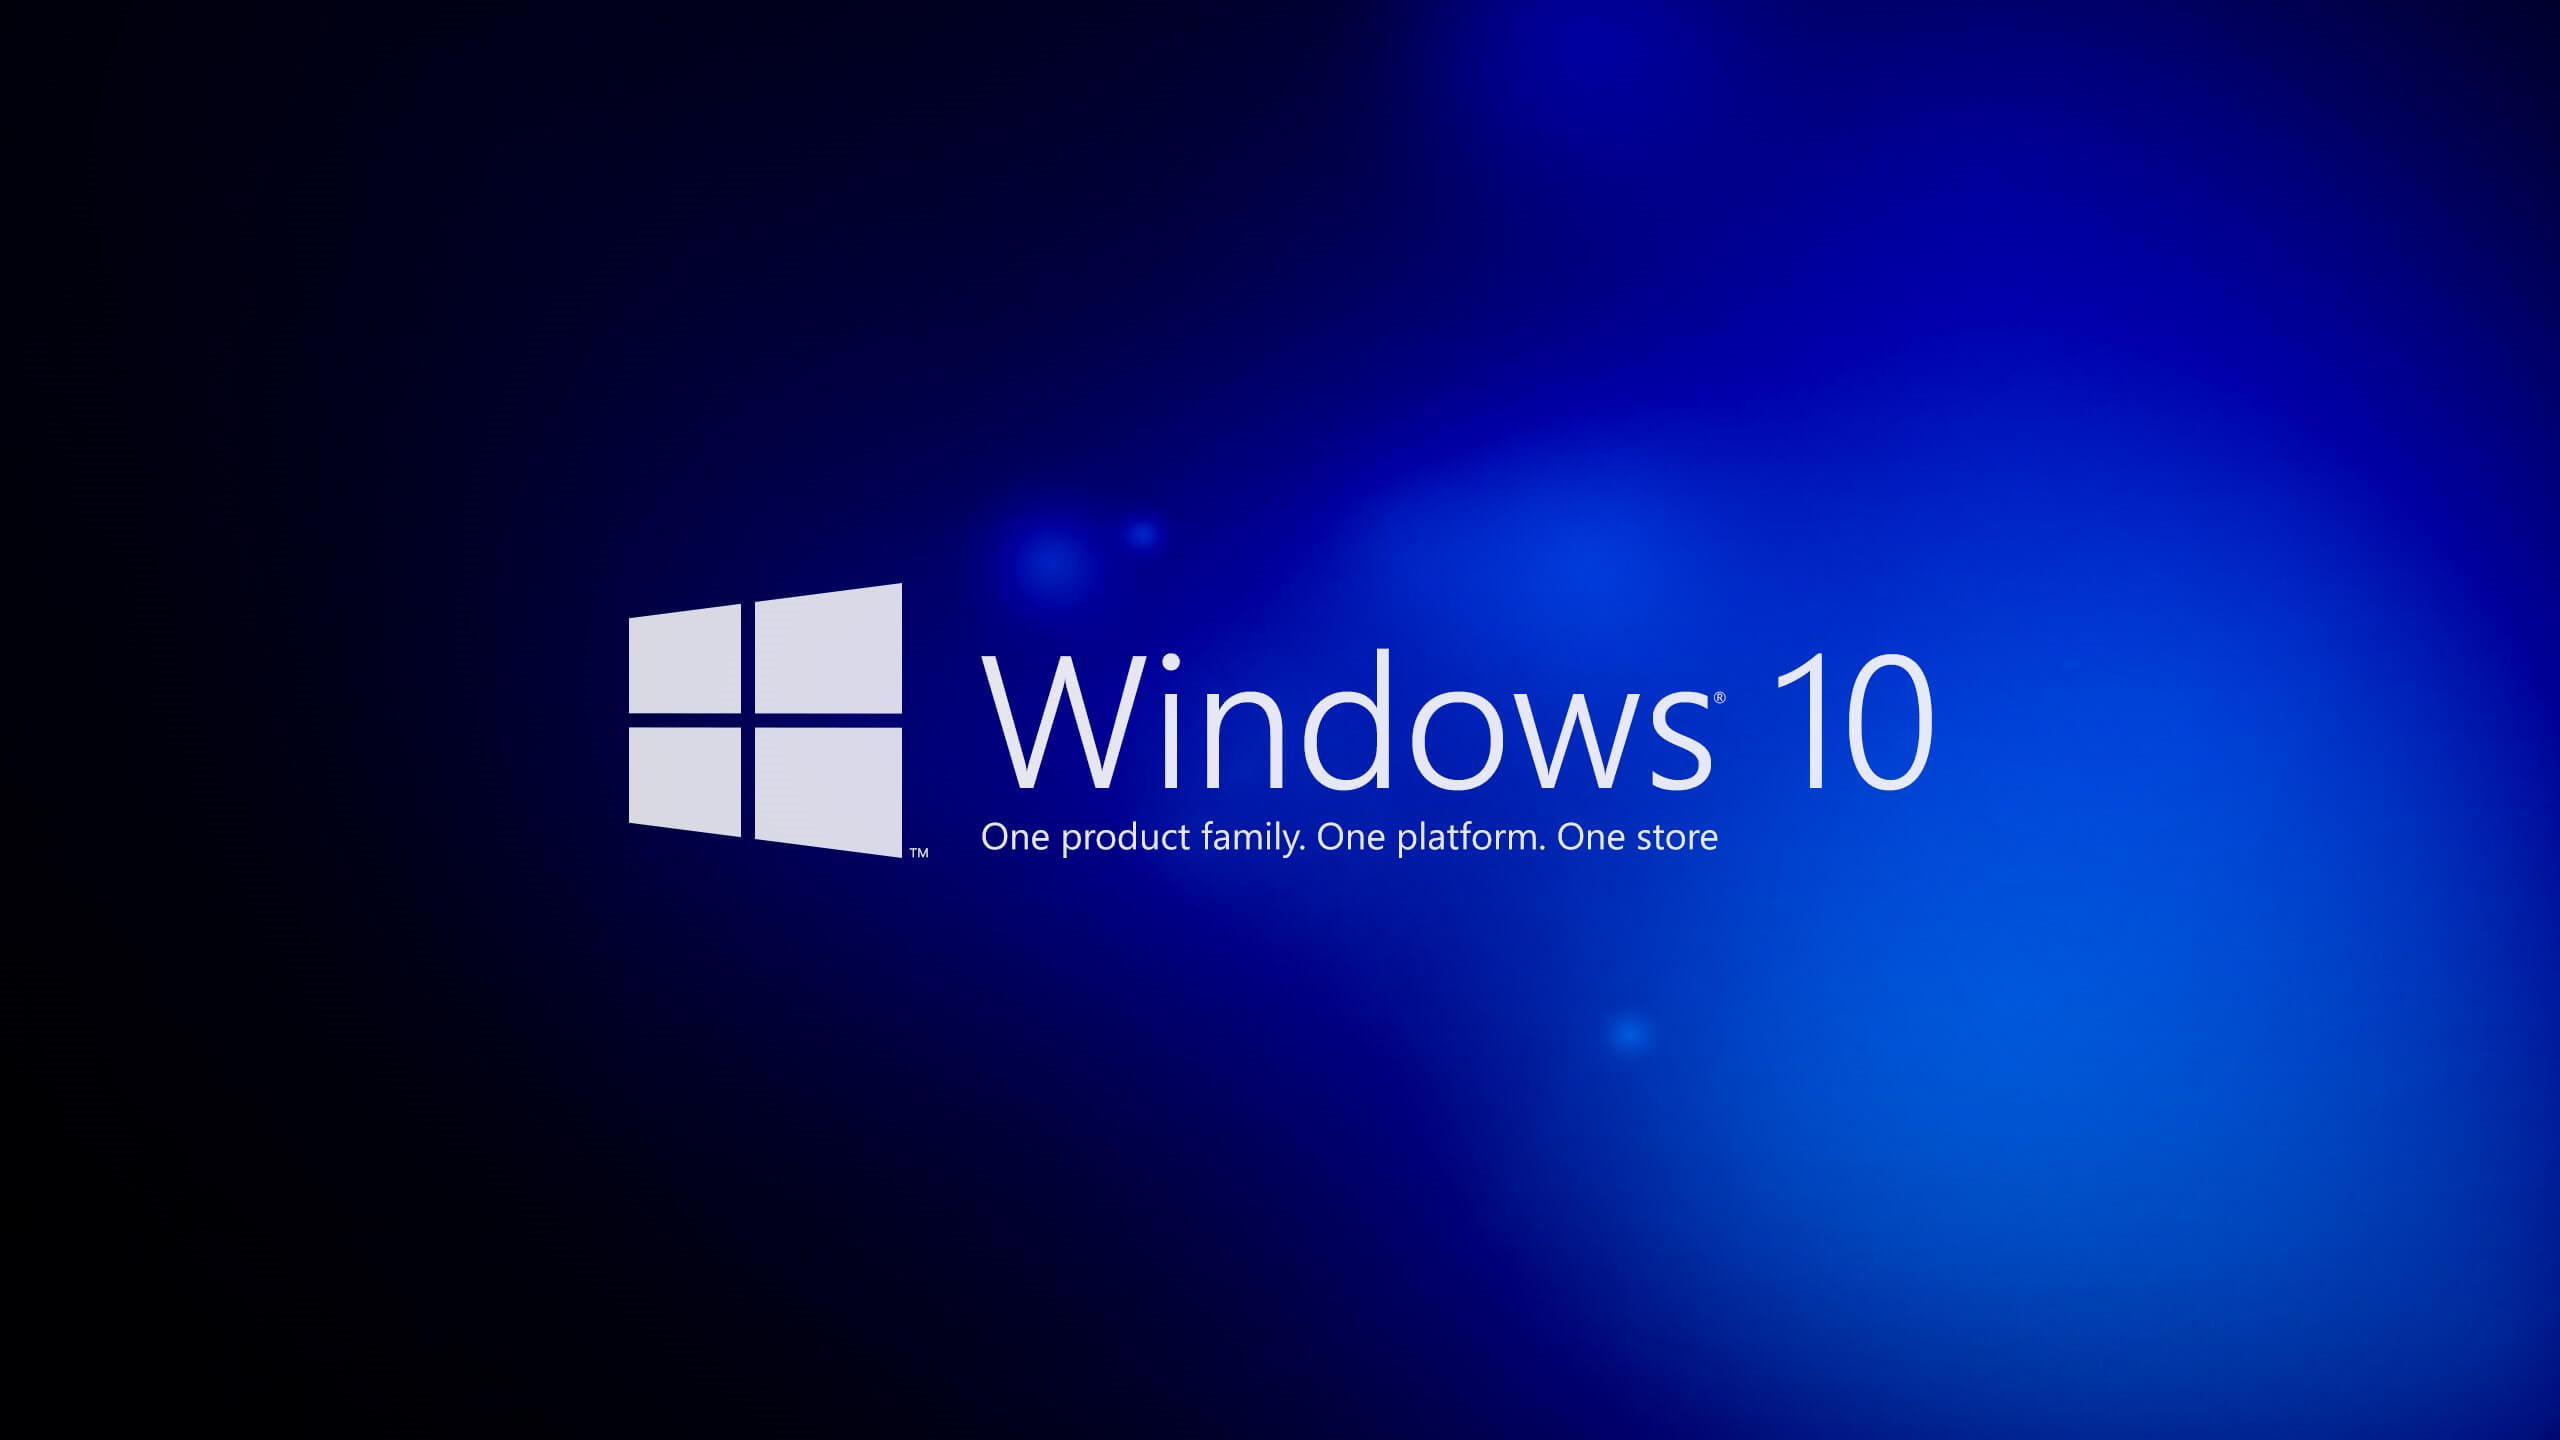 Windows 10 - игровой режим, протестированный в 6 играх на ПК со связанными процессорами